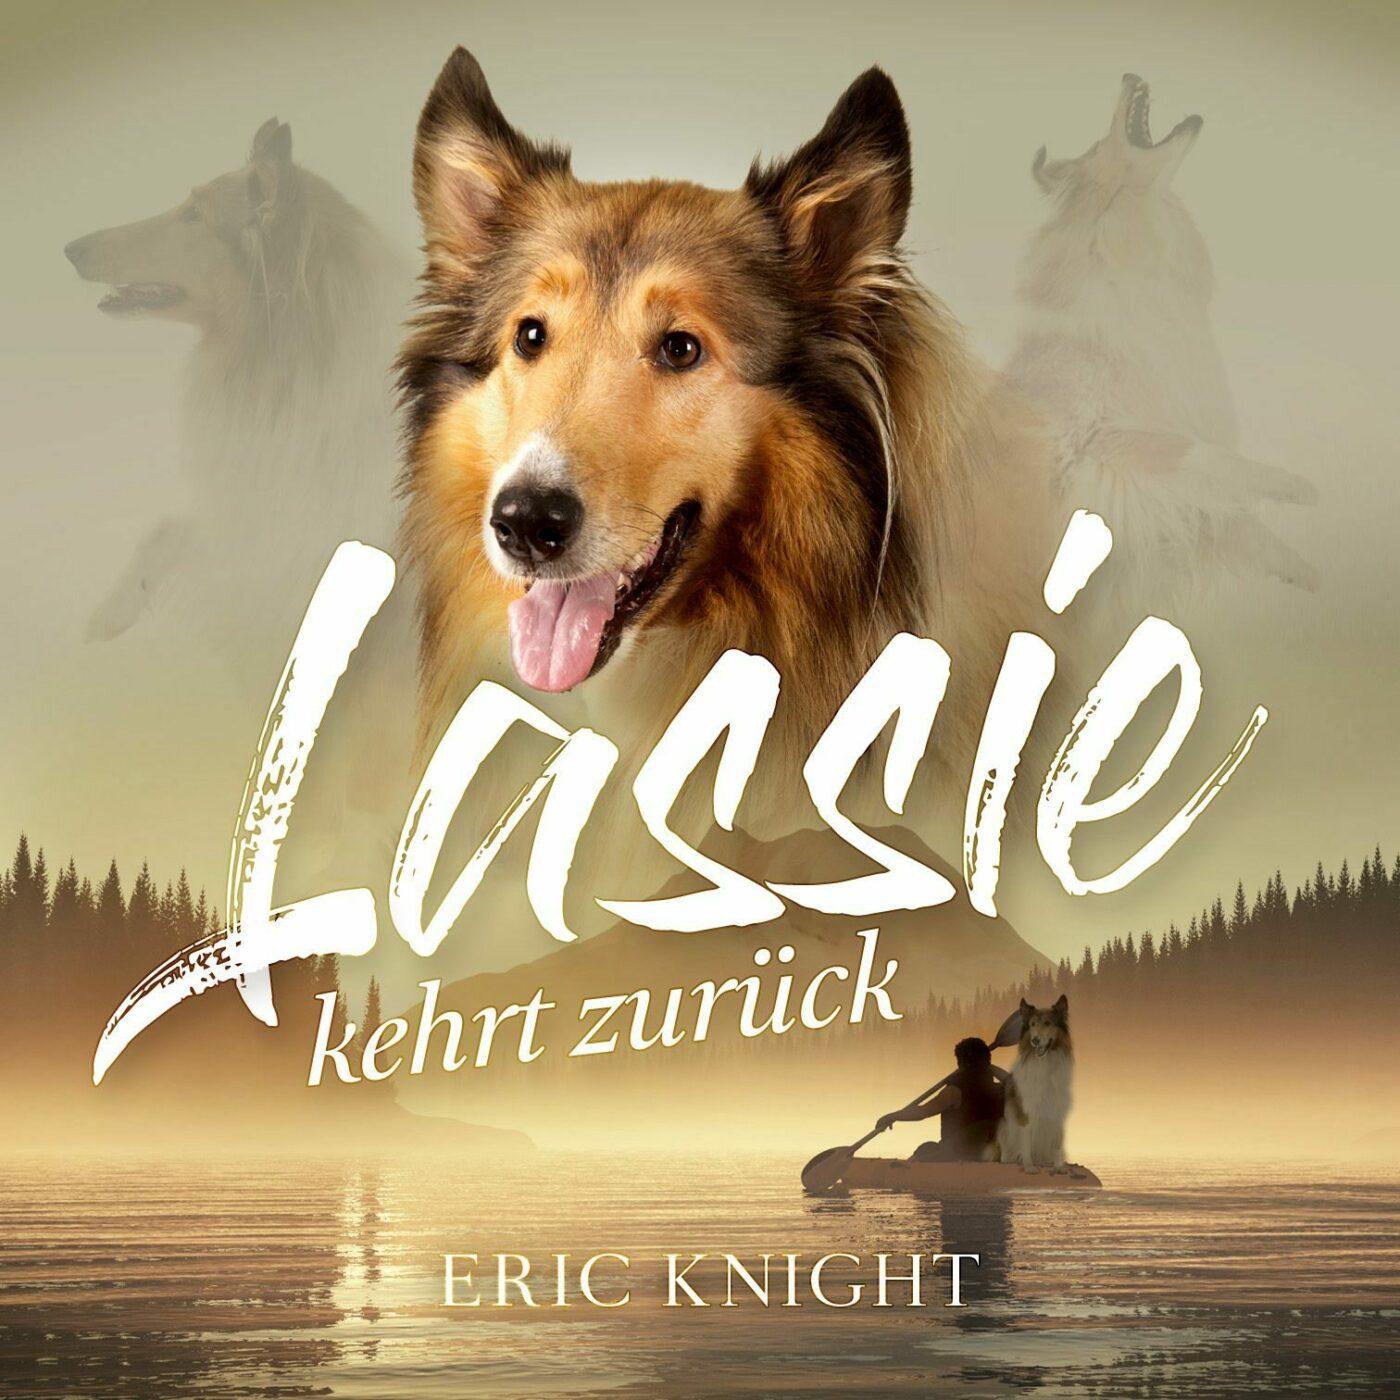 Eric Knight – Lassie kehrt zurück